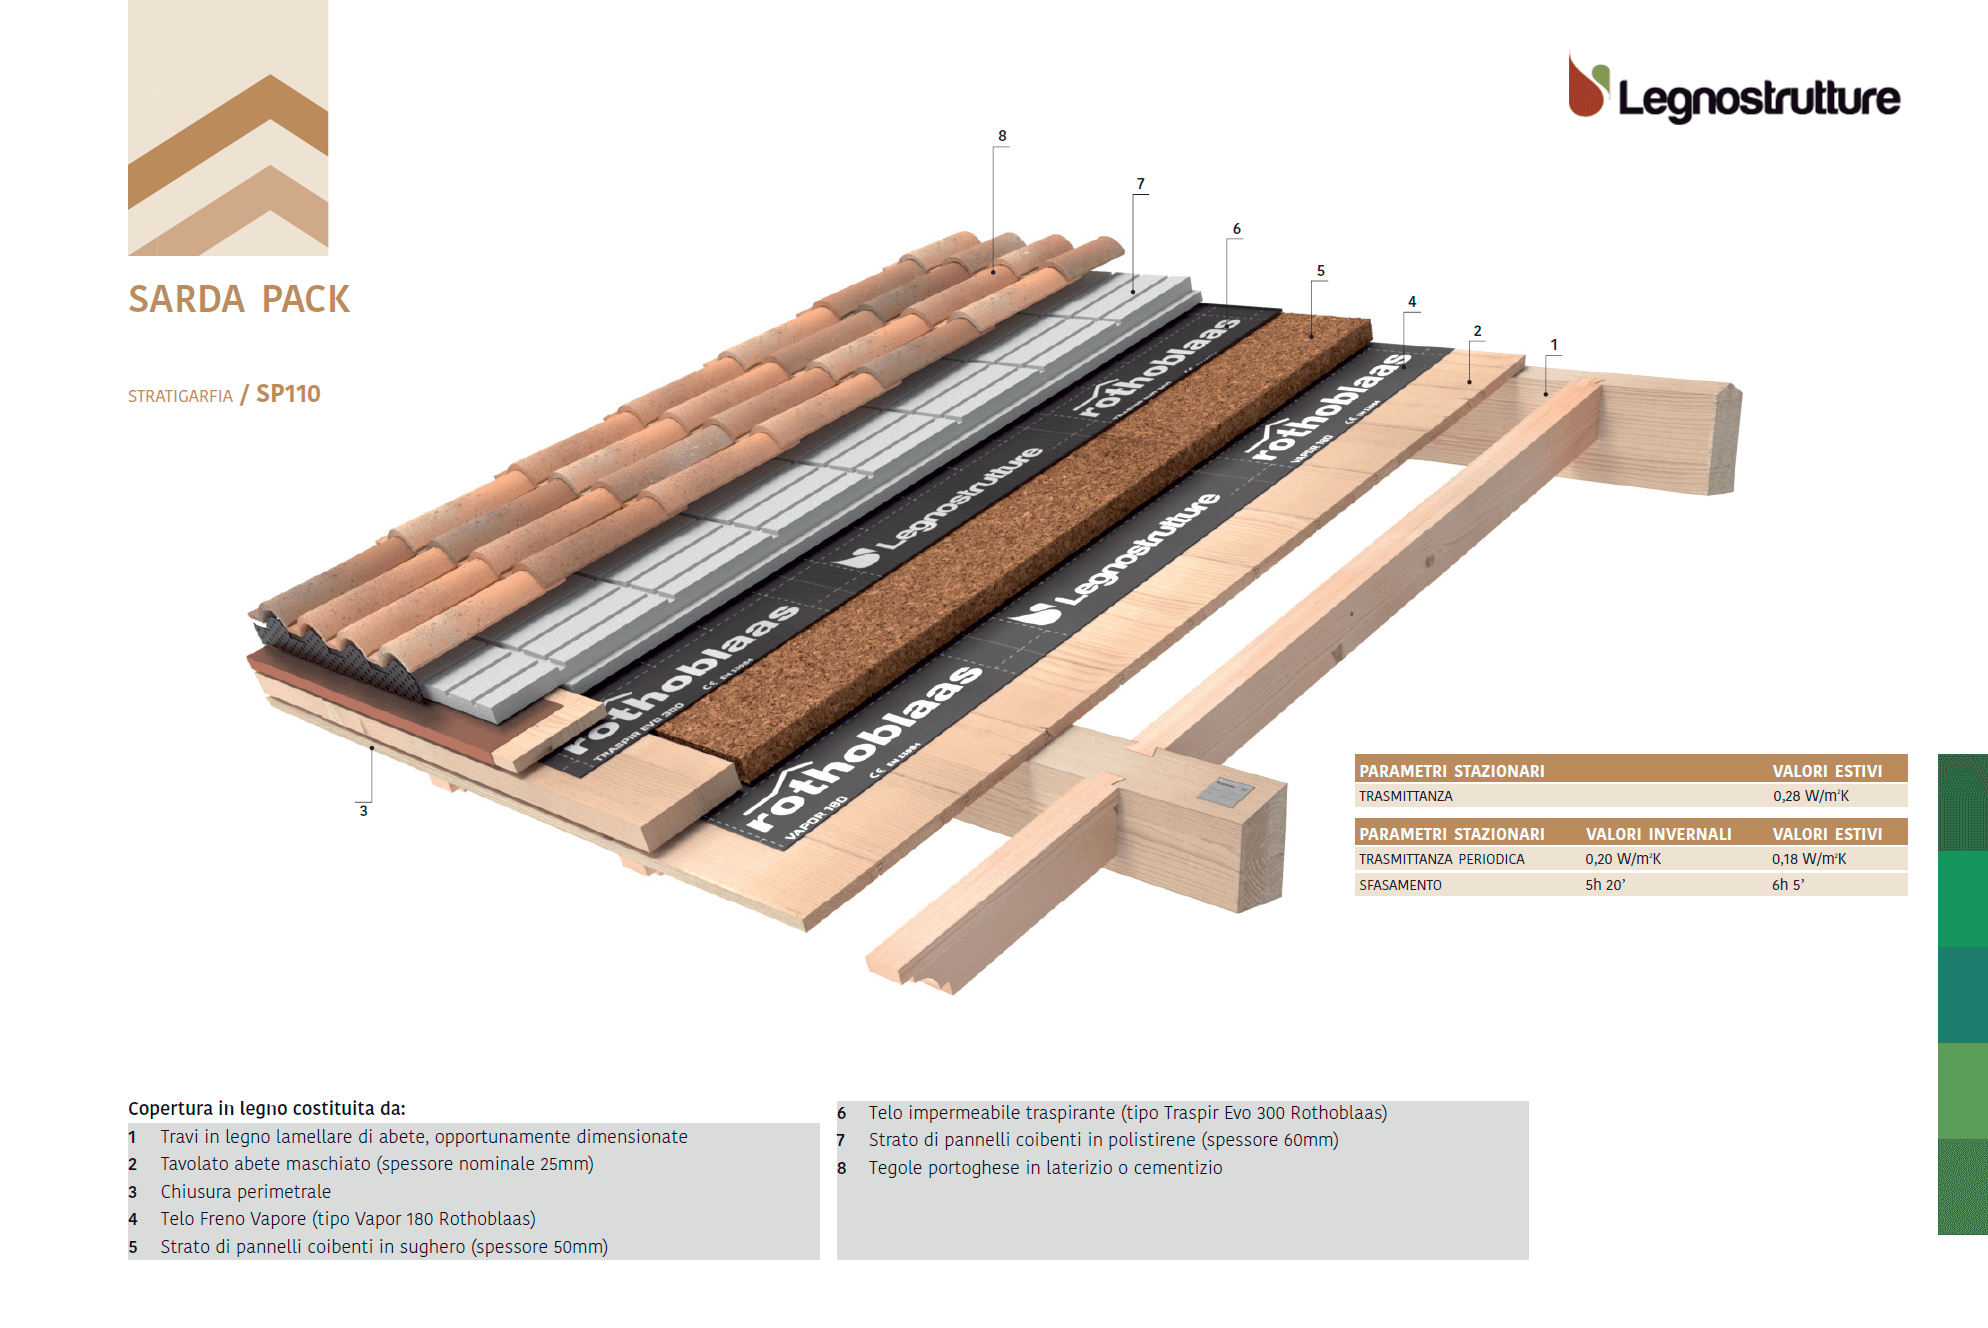 Stratigrafia tetto in legno Sarda Pack